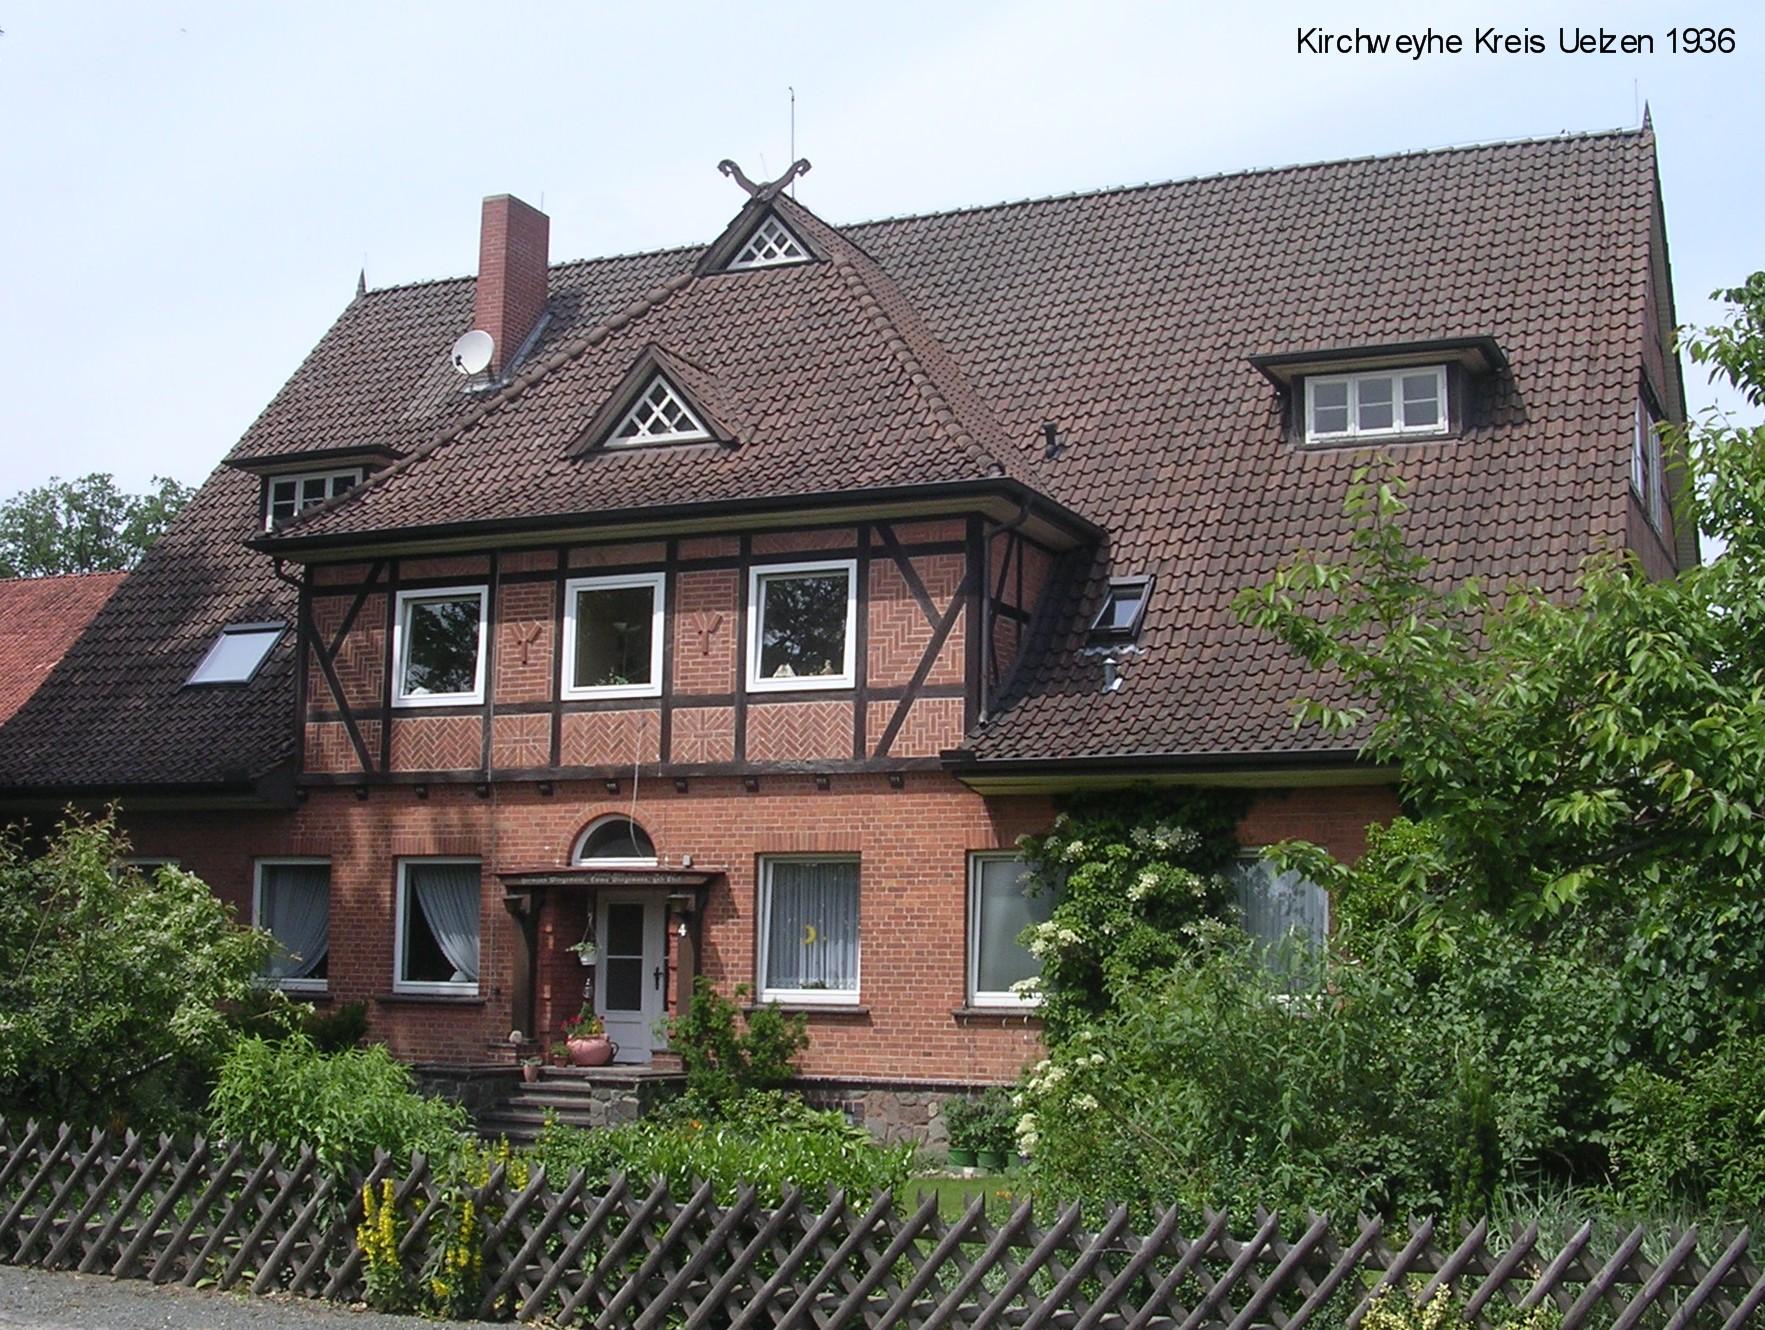 h-kirchweyhe-ue-1936-2